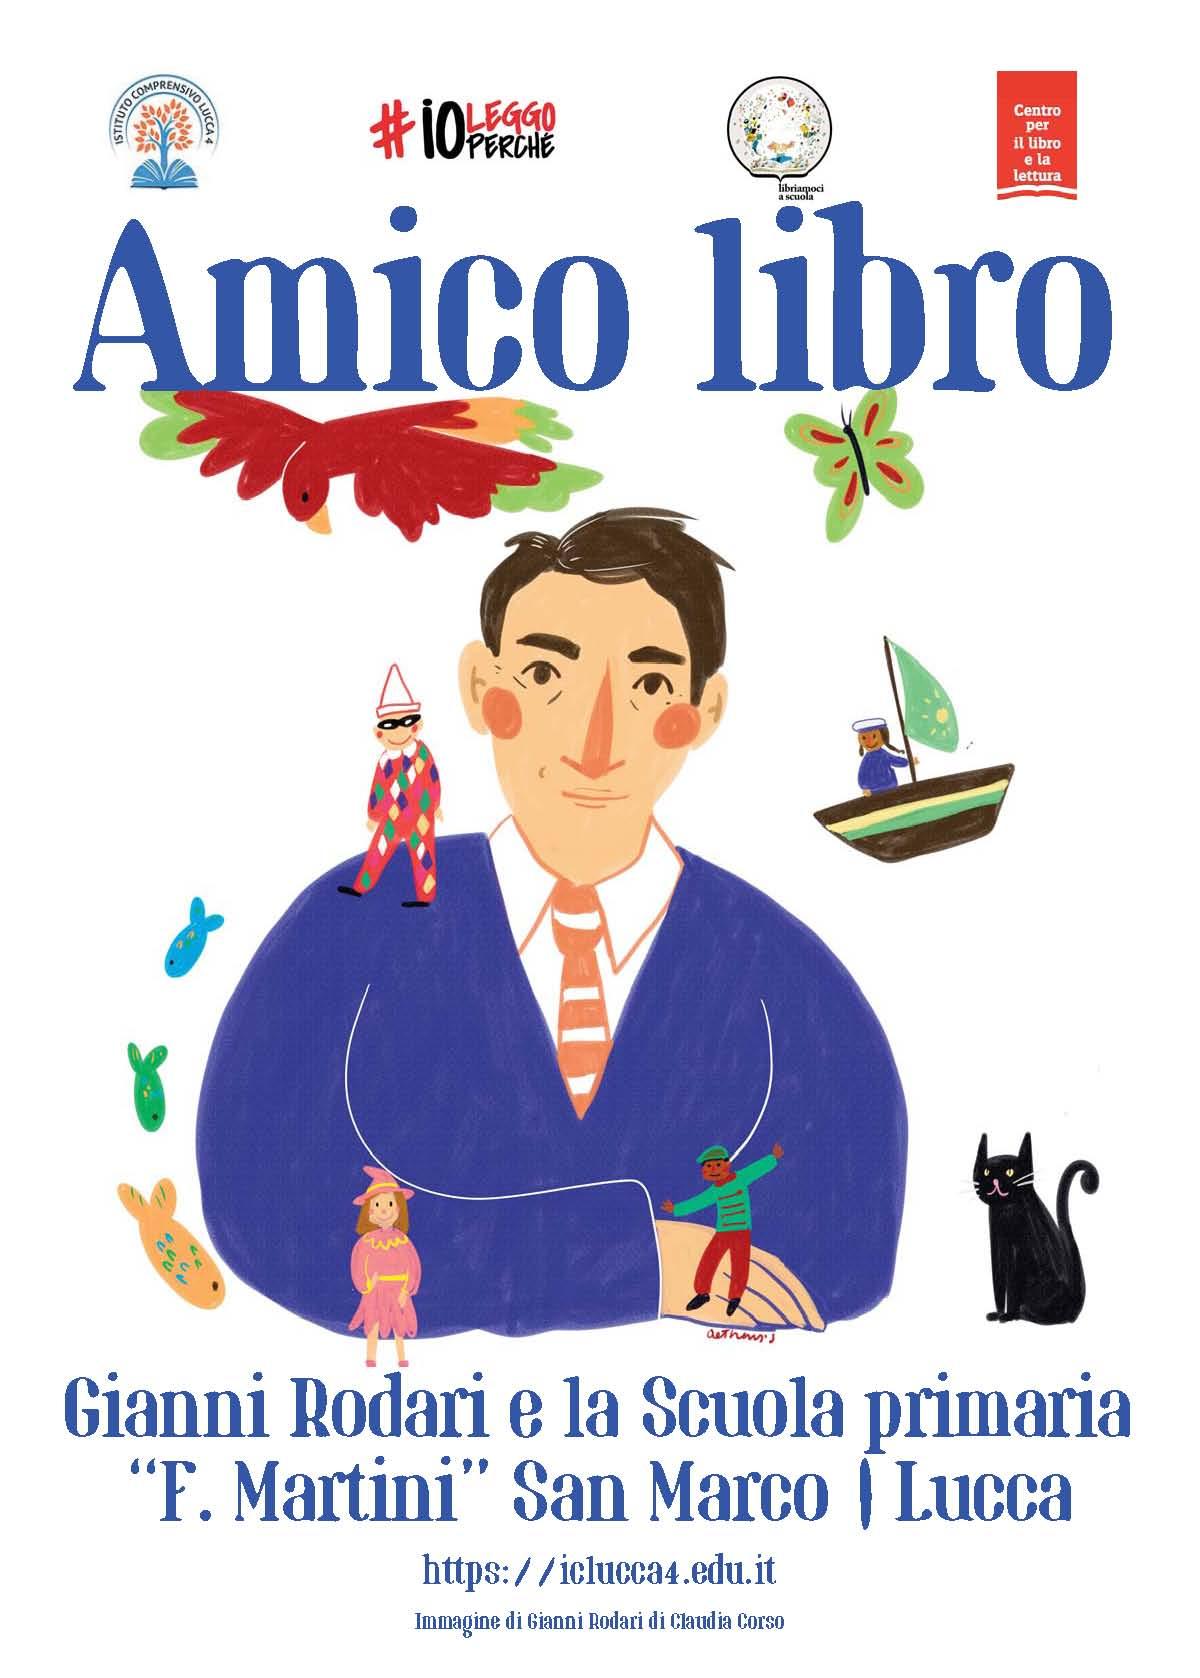 """Amico Libro: il progetto letterario dedicato a Gianni Rodari alla scuola primaria """"F. Martini"""" a San Marco"""